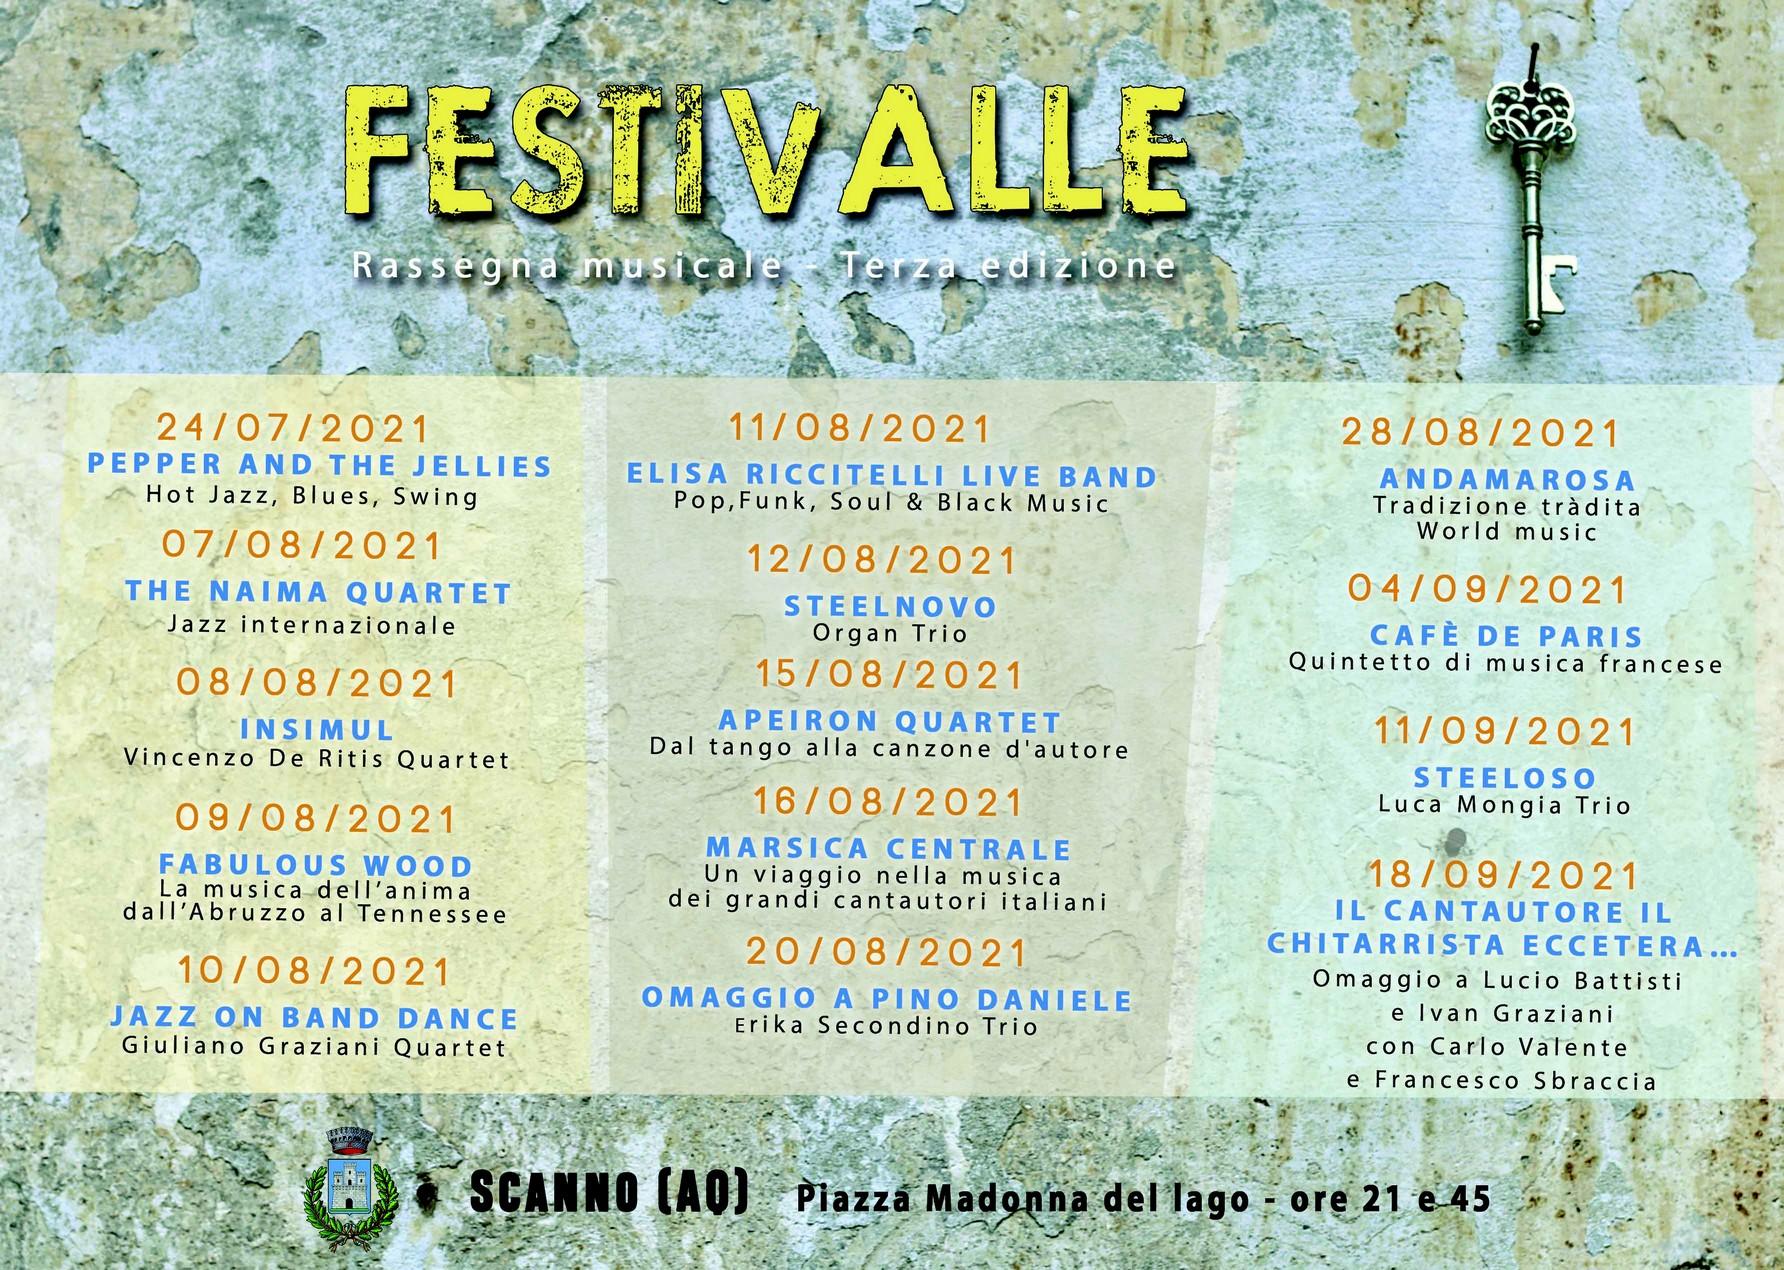 Festivalle-Locandina-2021_orizzontale